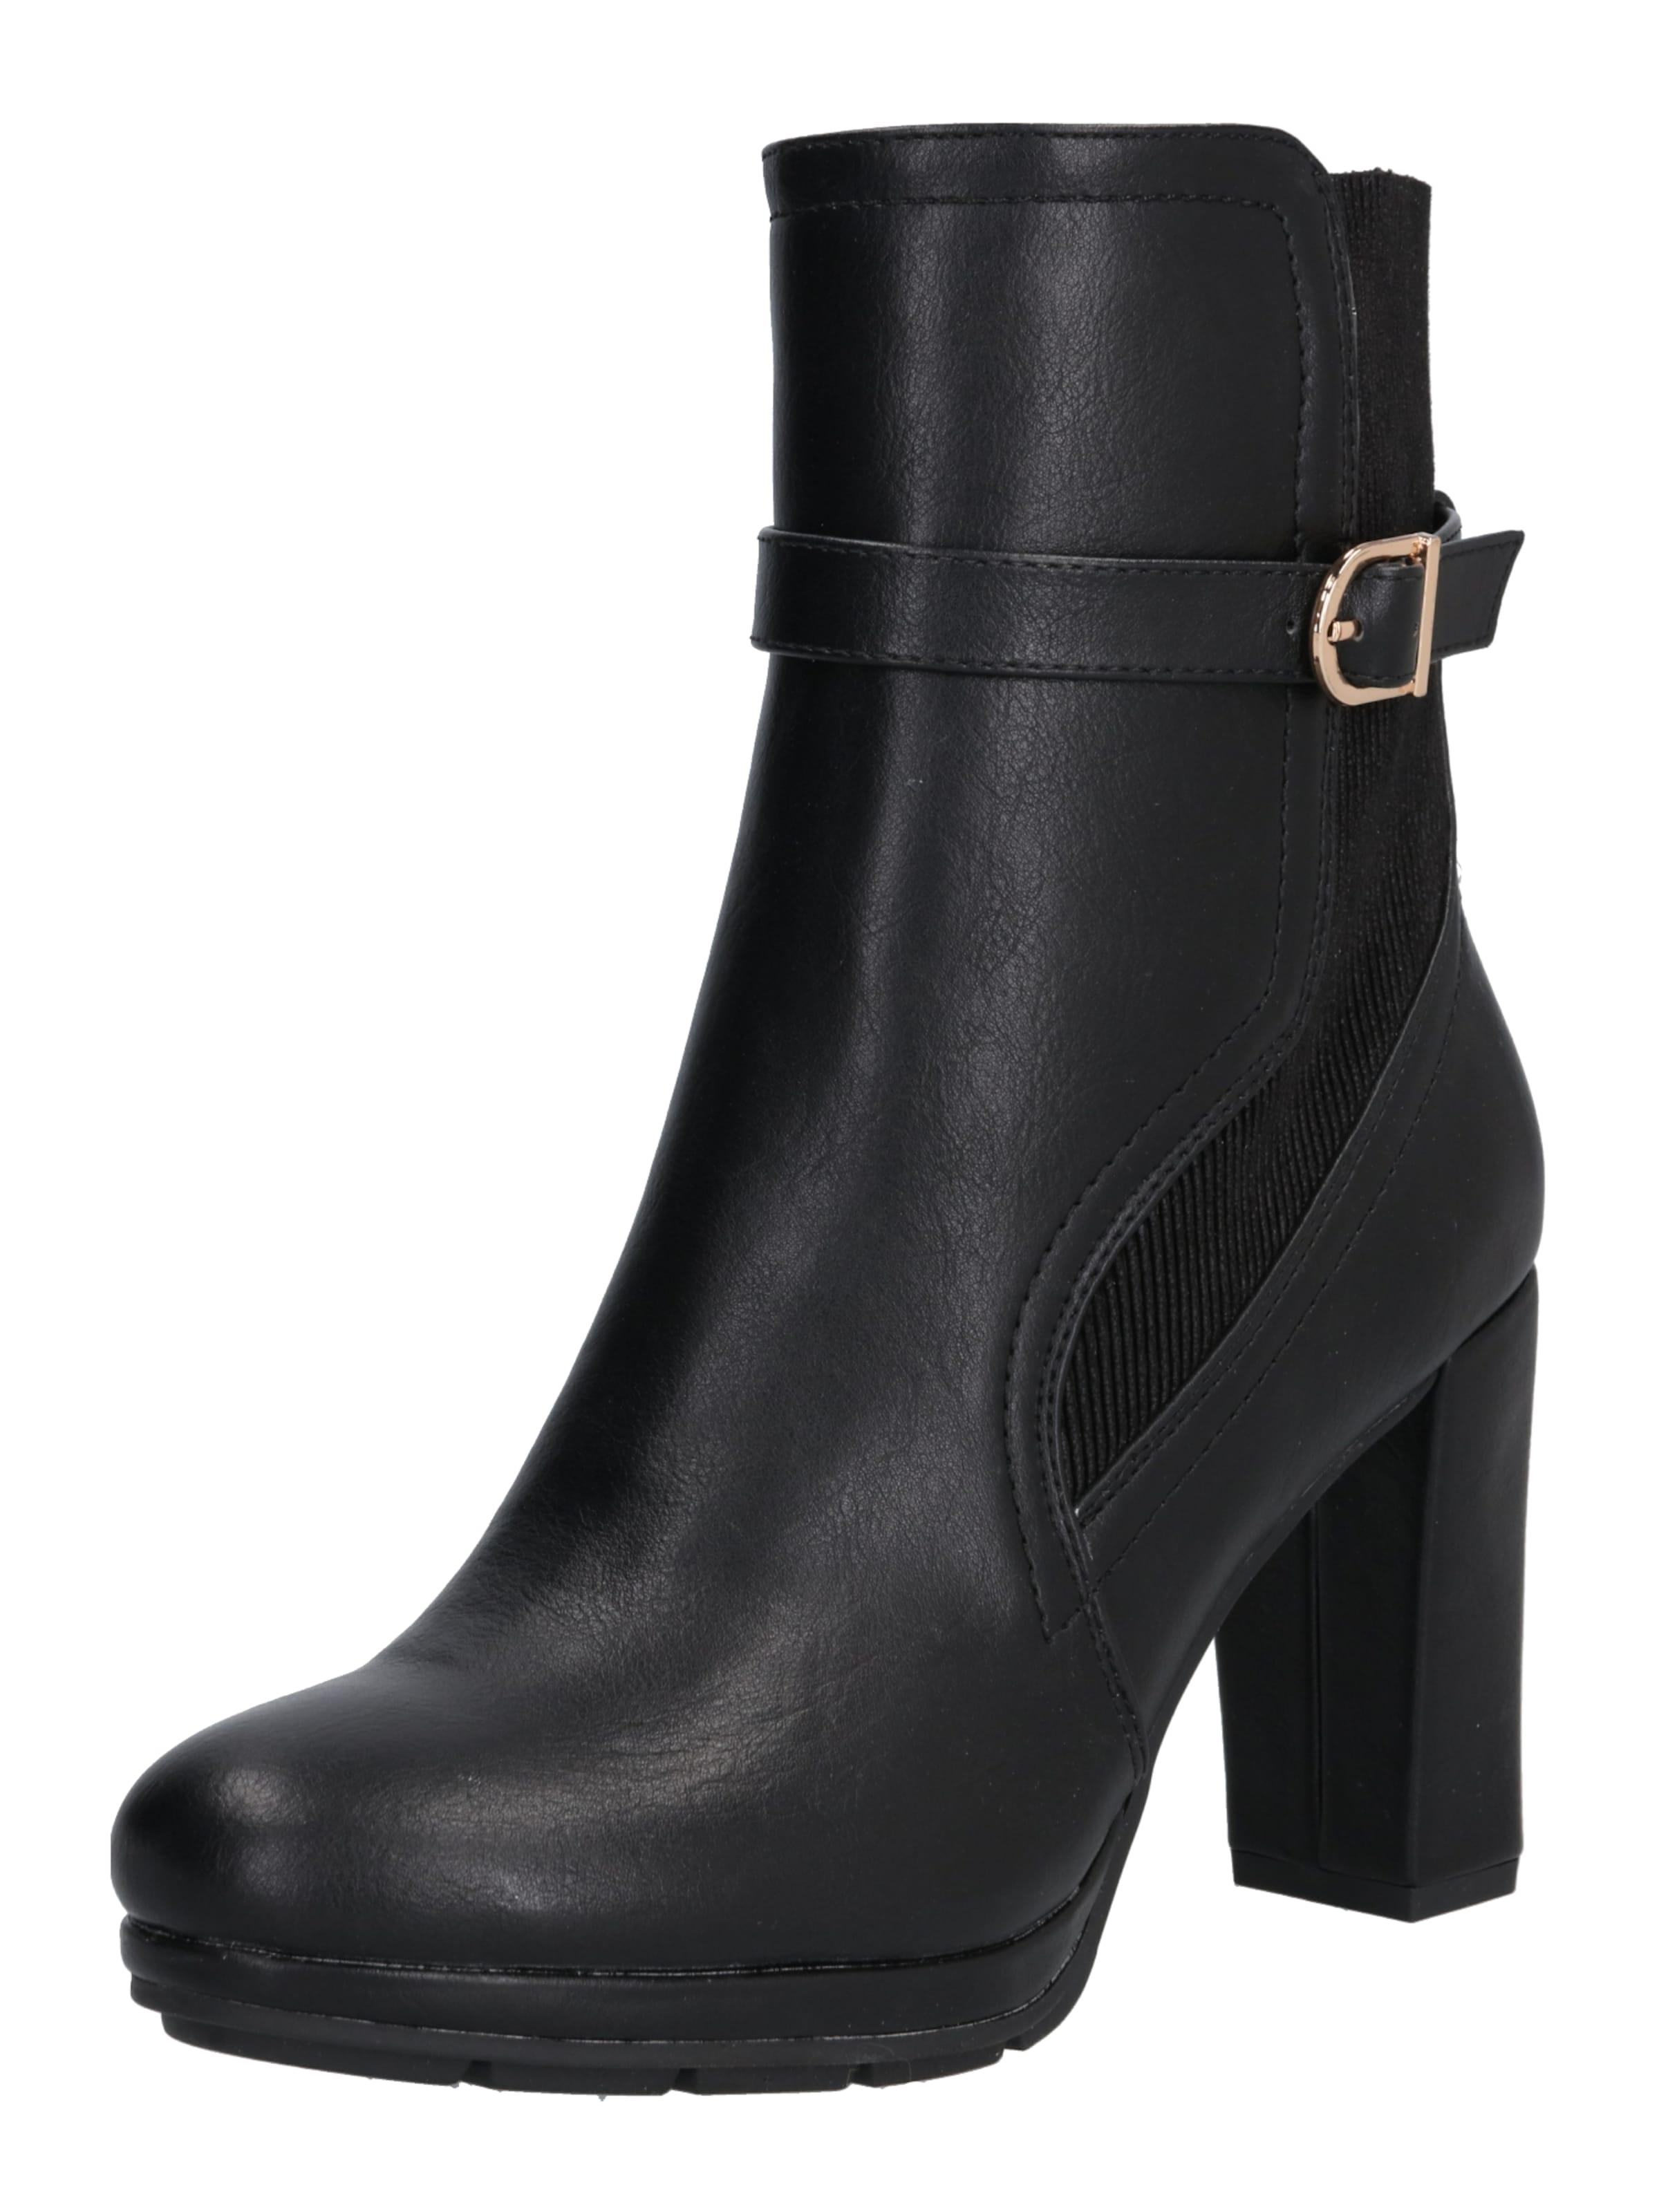 You Noir Bottines Shoe' En 'sila About j5ALR43